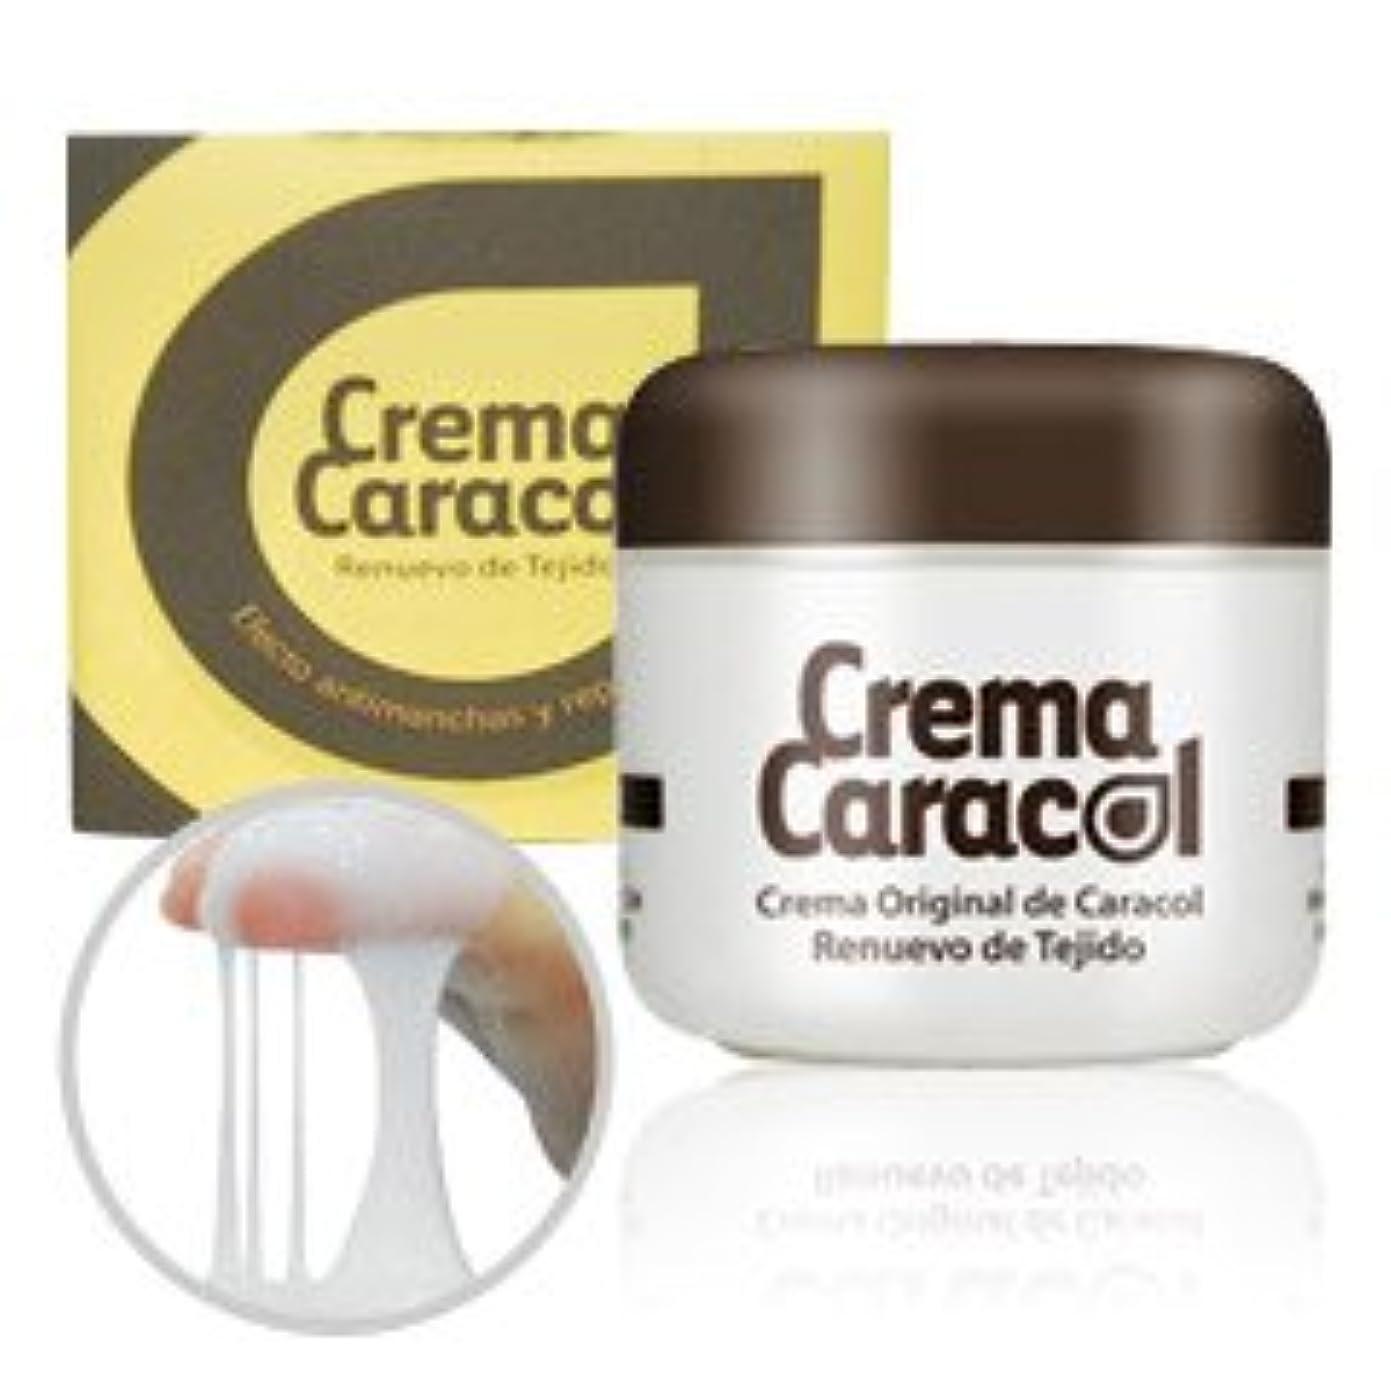 ビーズフォアマン静脈crema caracol(カラコール) かたつむりクリーム 3個セット